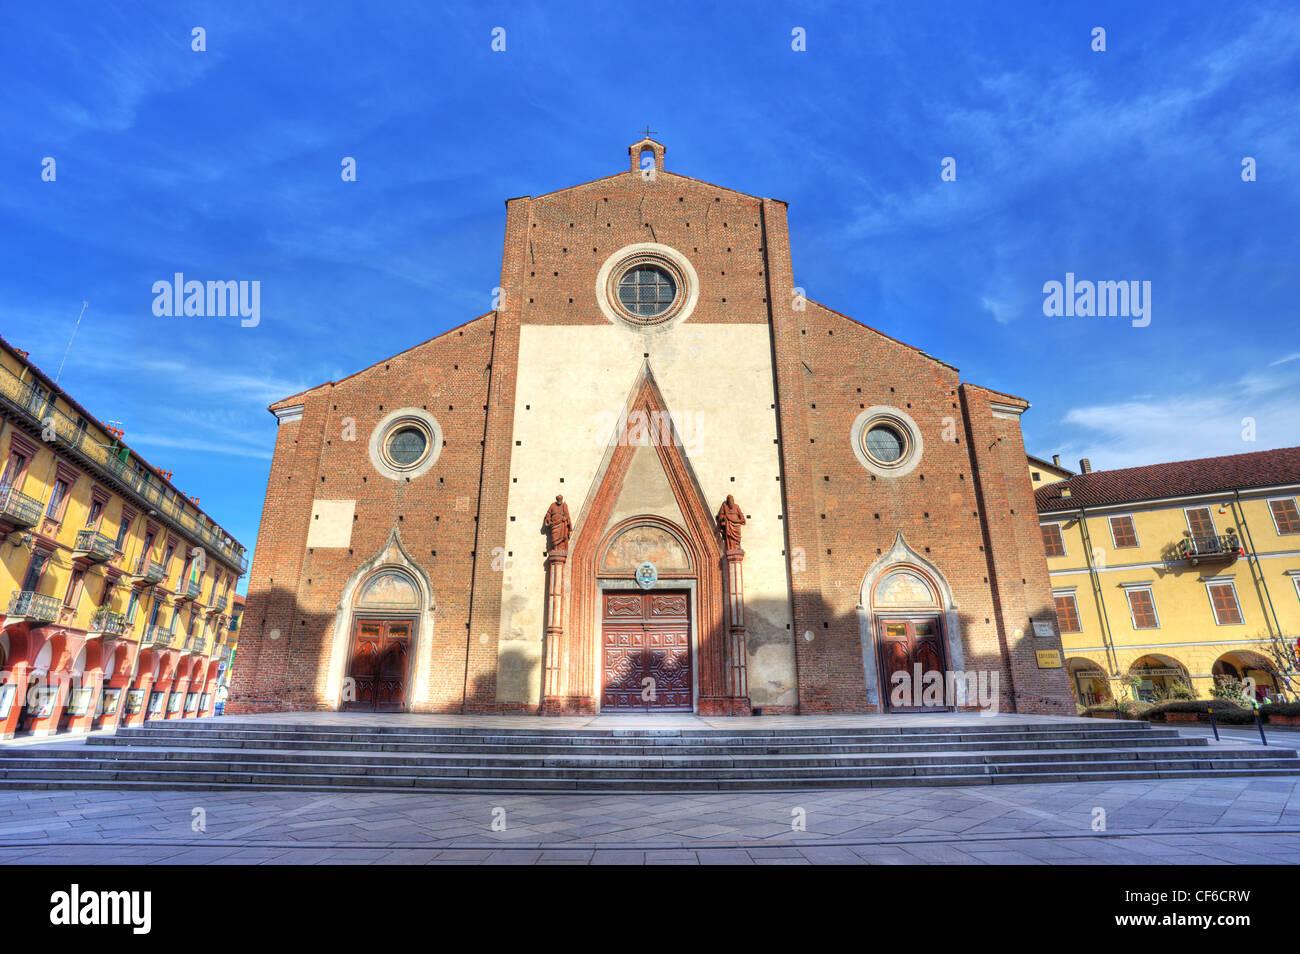 Facade view on Duomo di Saluzzo (Maria Vergine Assunta Church) in Saluzzo, Italy. - Stock Image